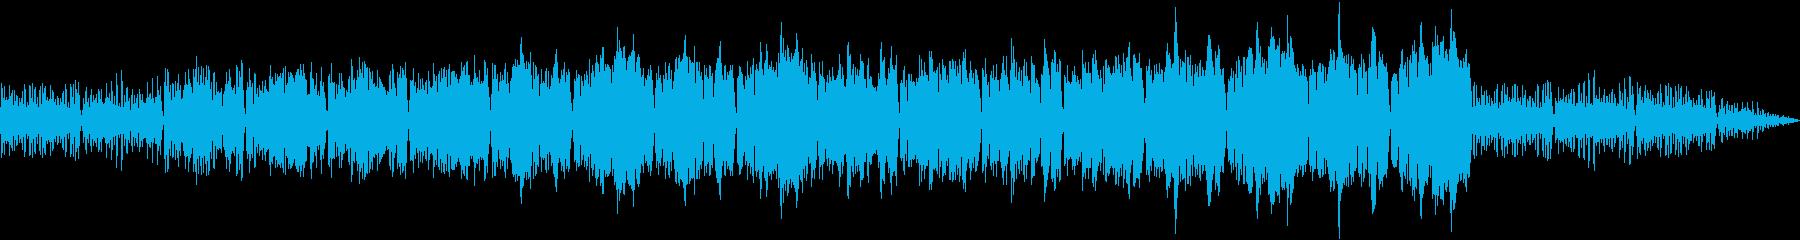 明るく晴れ晴れとしたアコースティック曲の再生済みの波形